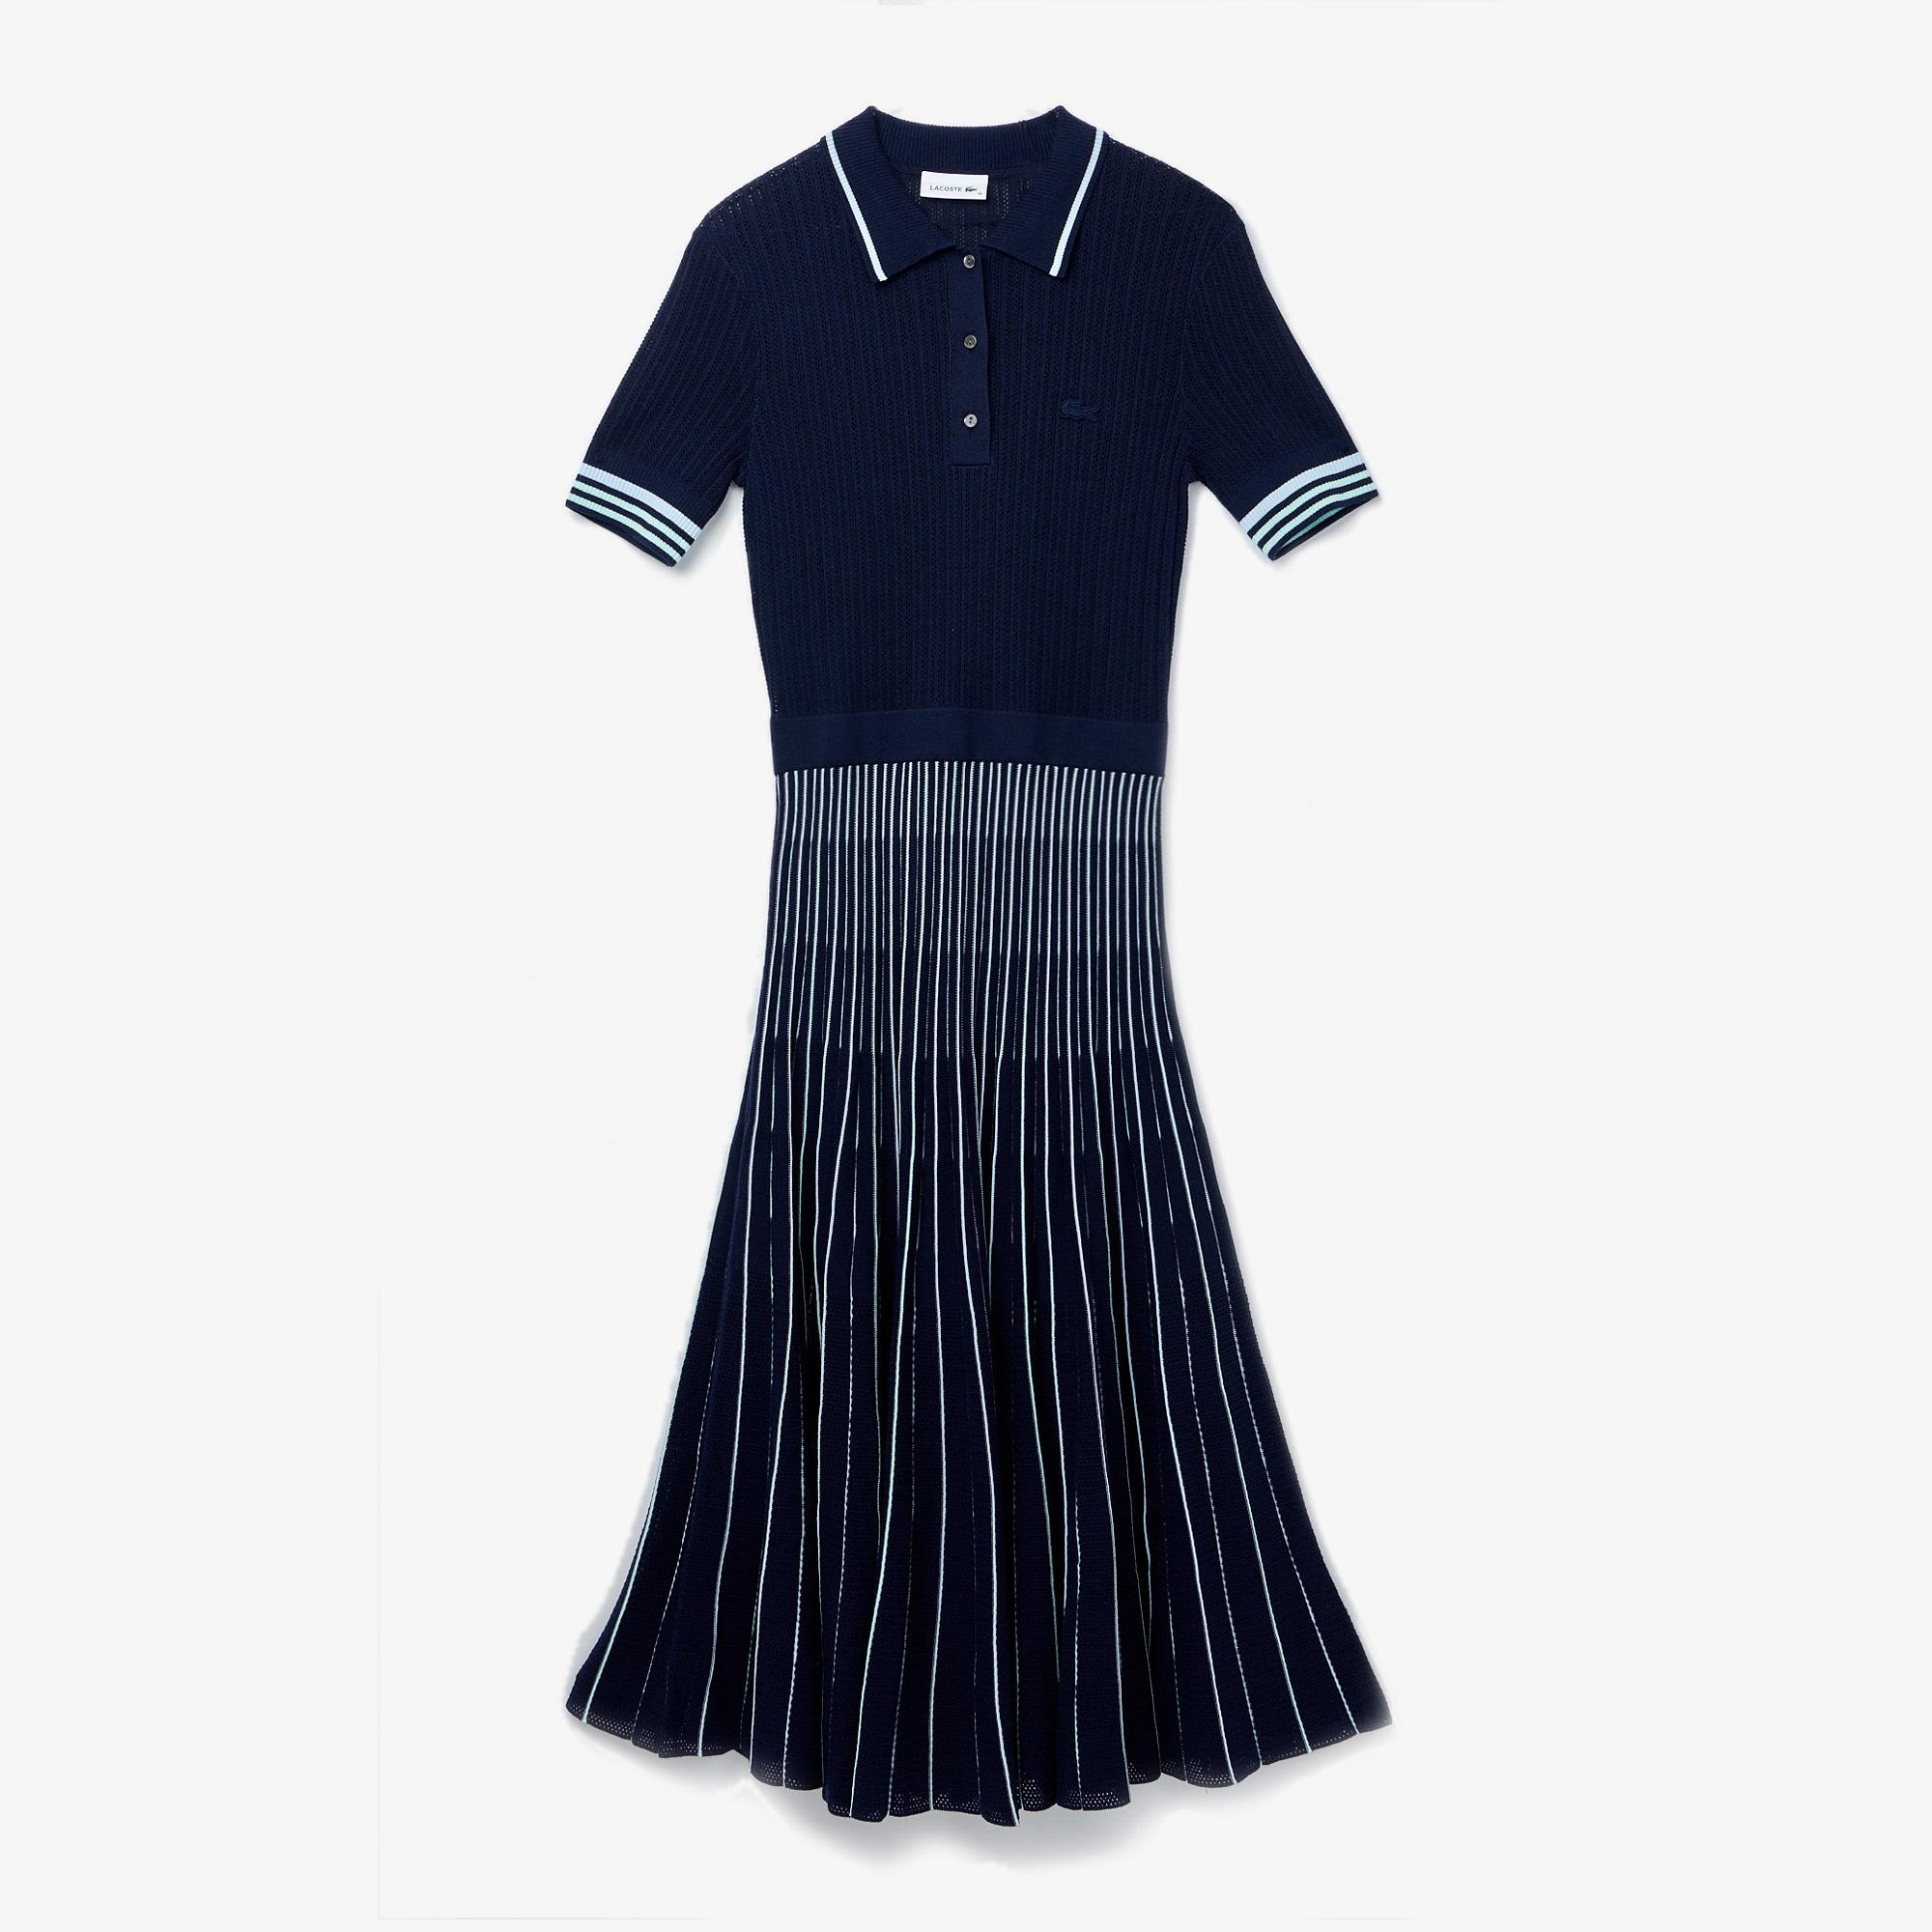 Lacoste Kadın Kısa Kollu Çizgili Polo Yaka Lacivert Elbise